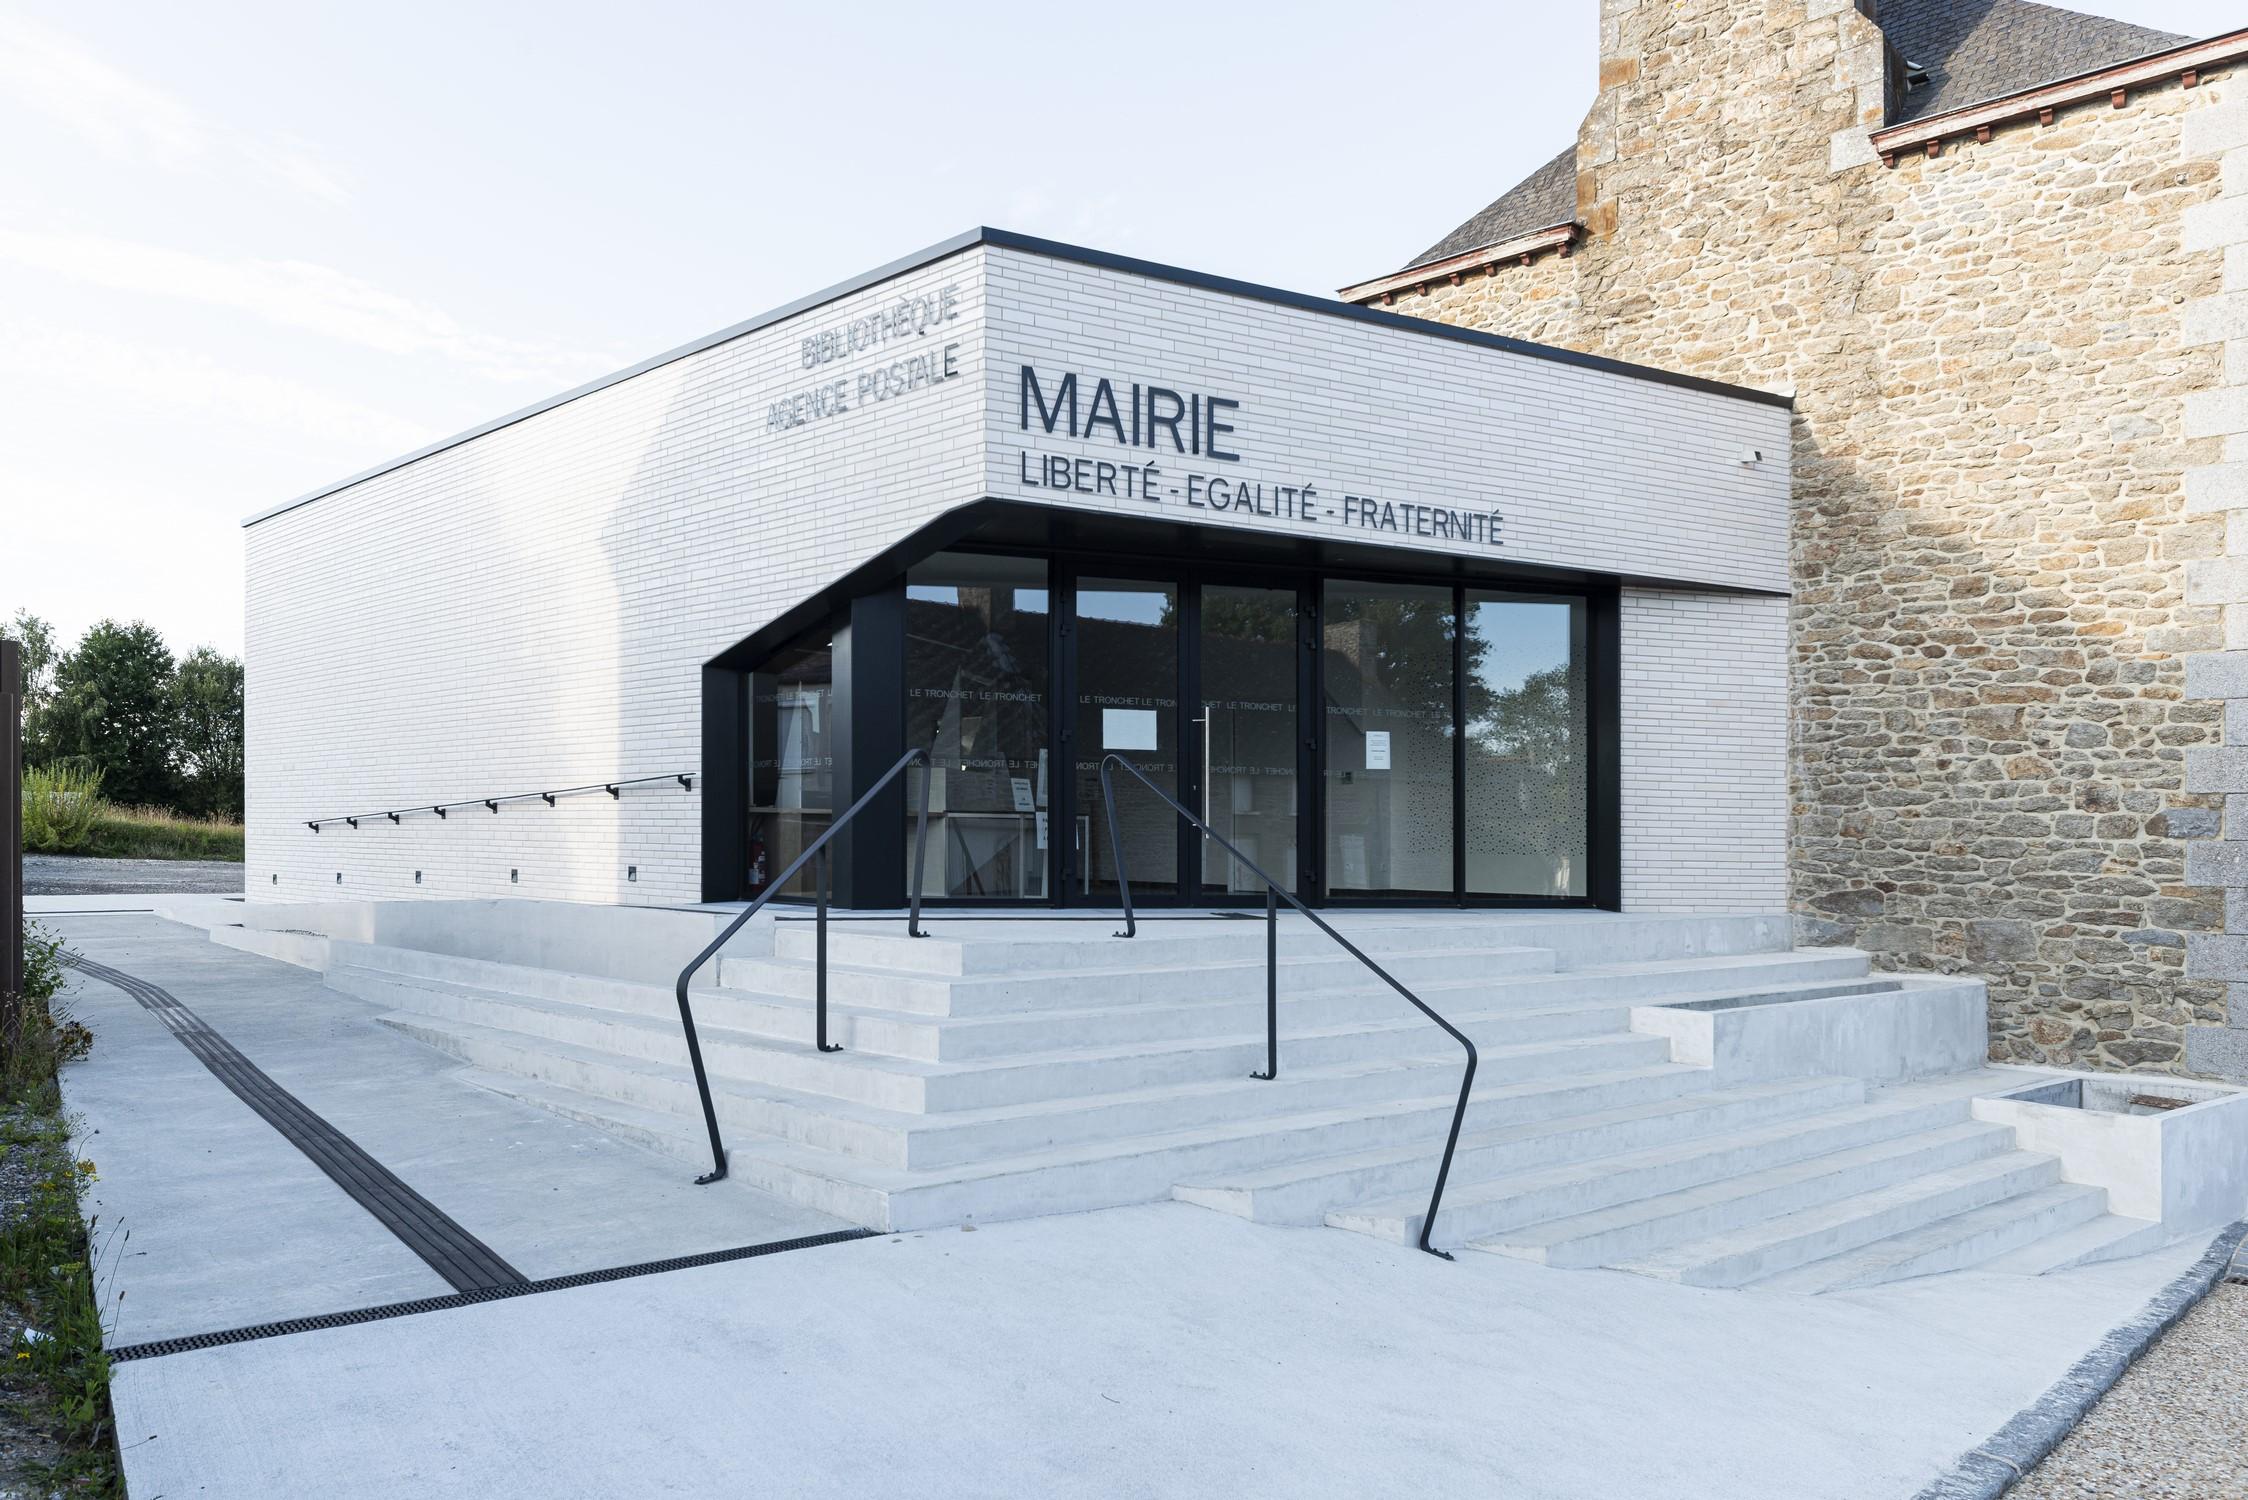 Mairie Le Tronchet 04 -entrée principale- © P. Lelièvre non libre de droits – 1500px